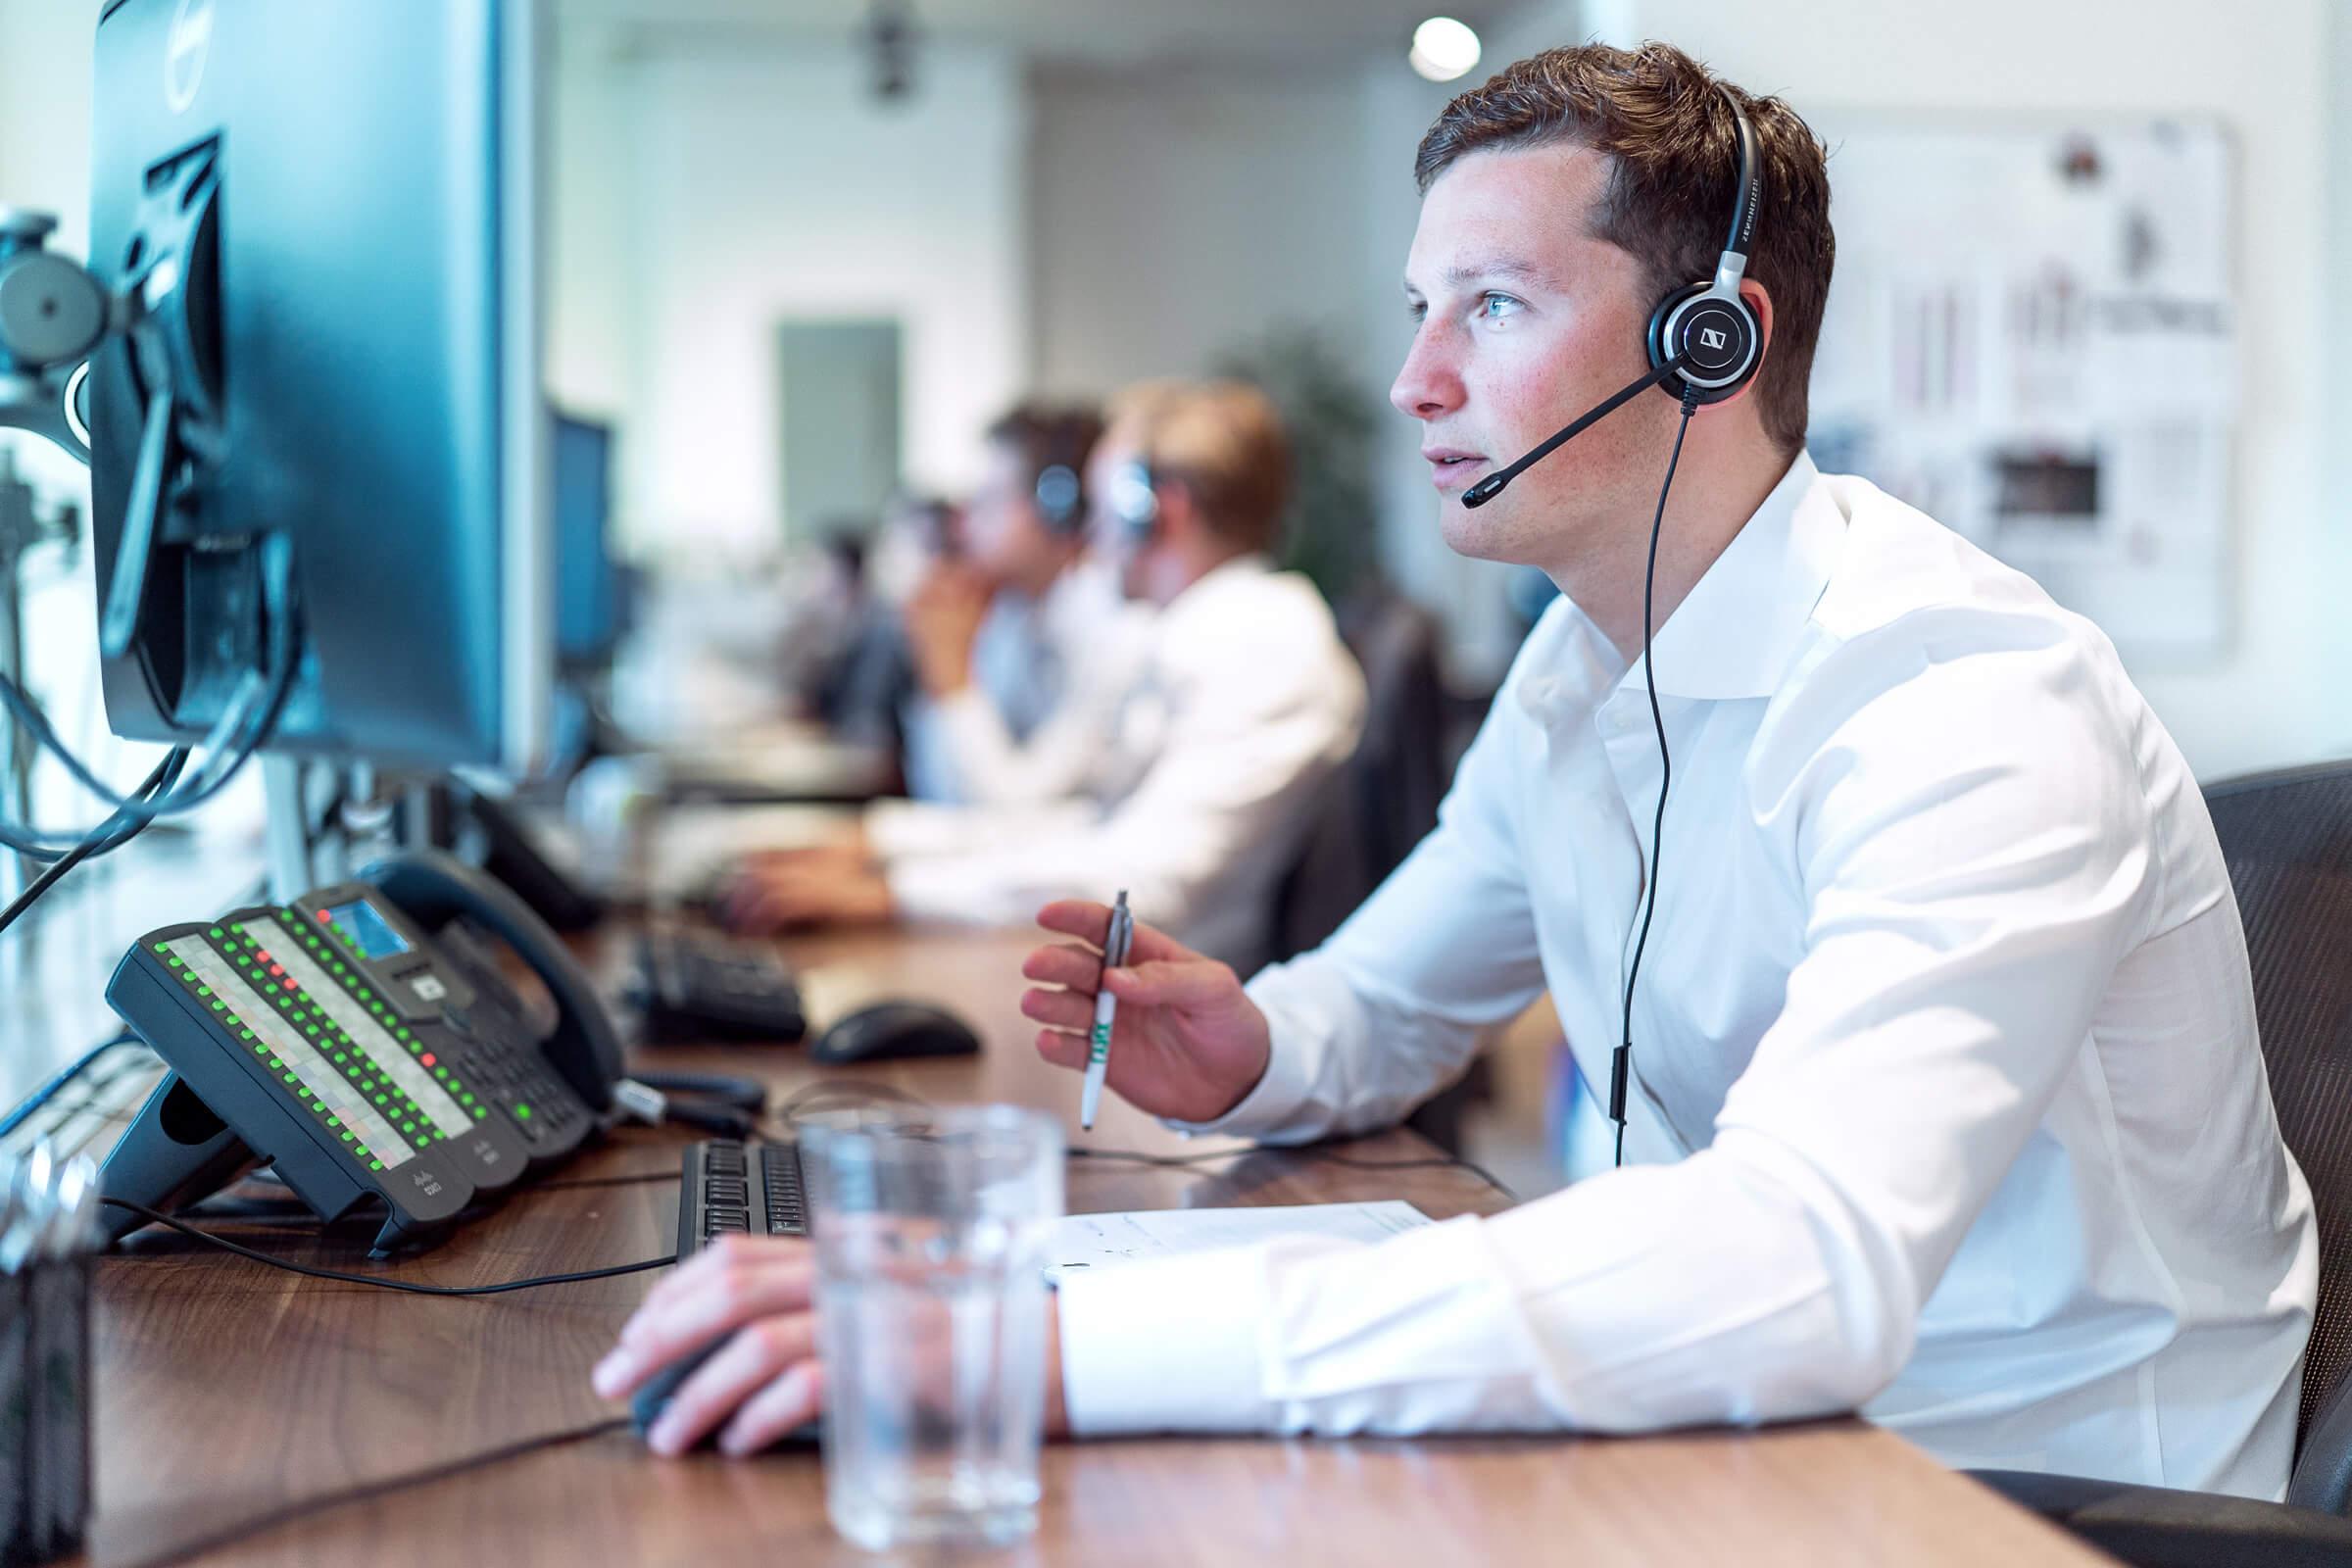 Vyškolený personál zodpovídající dotazy klienta LYNX ohledně investování